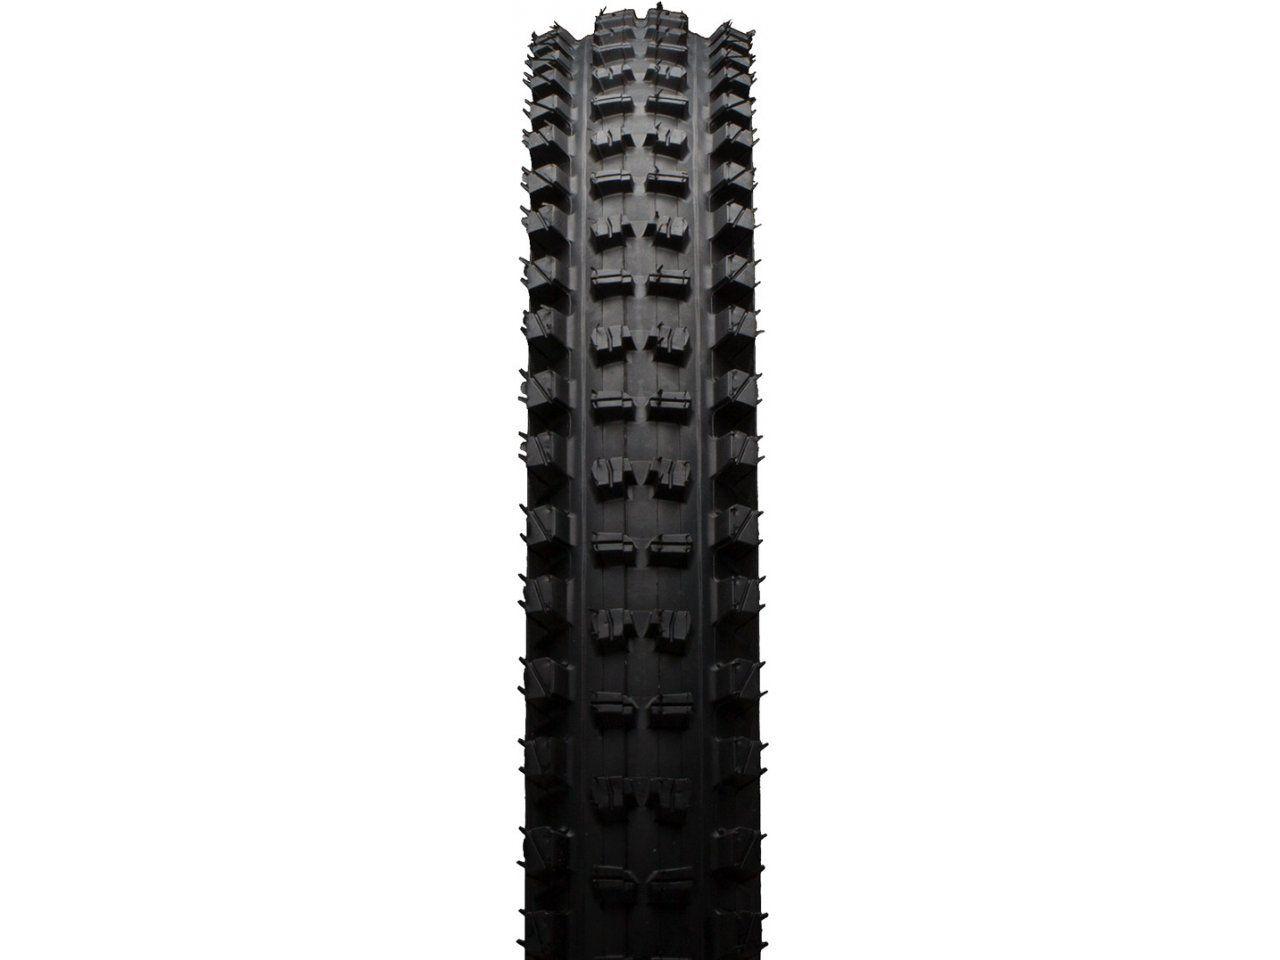 Складная шина e * thirteen  TRS Race A / T 29x2,35 дюймов новая